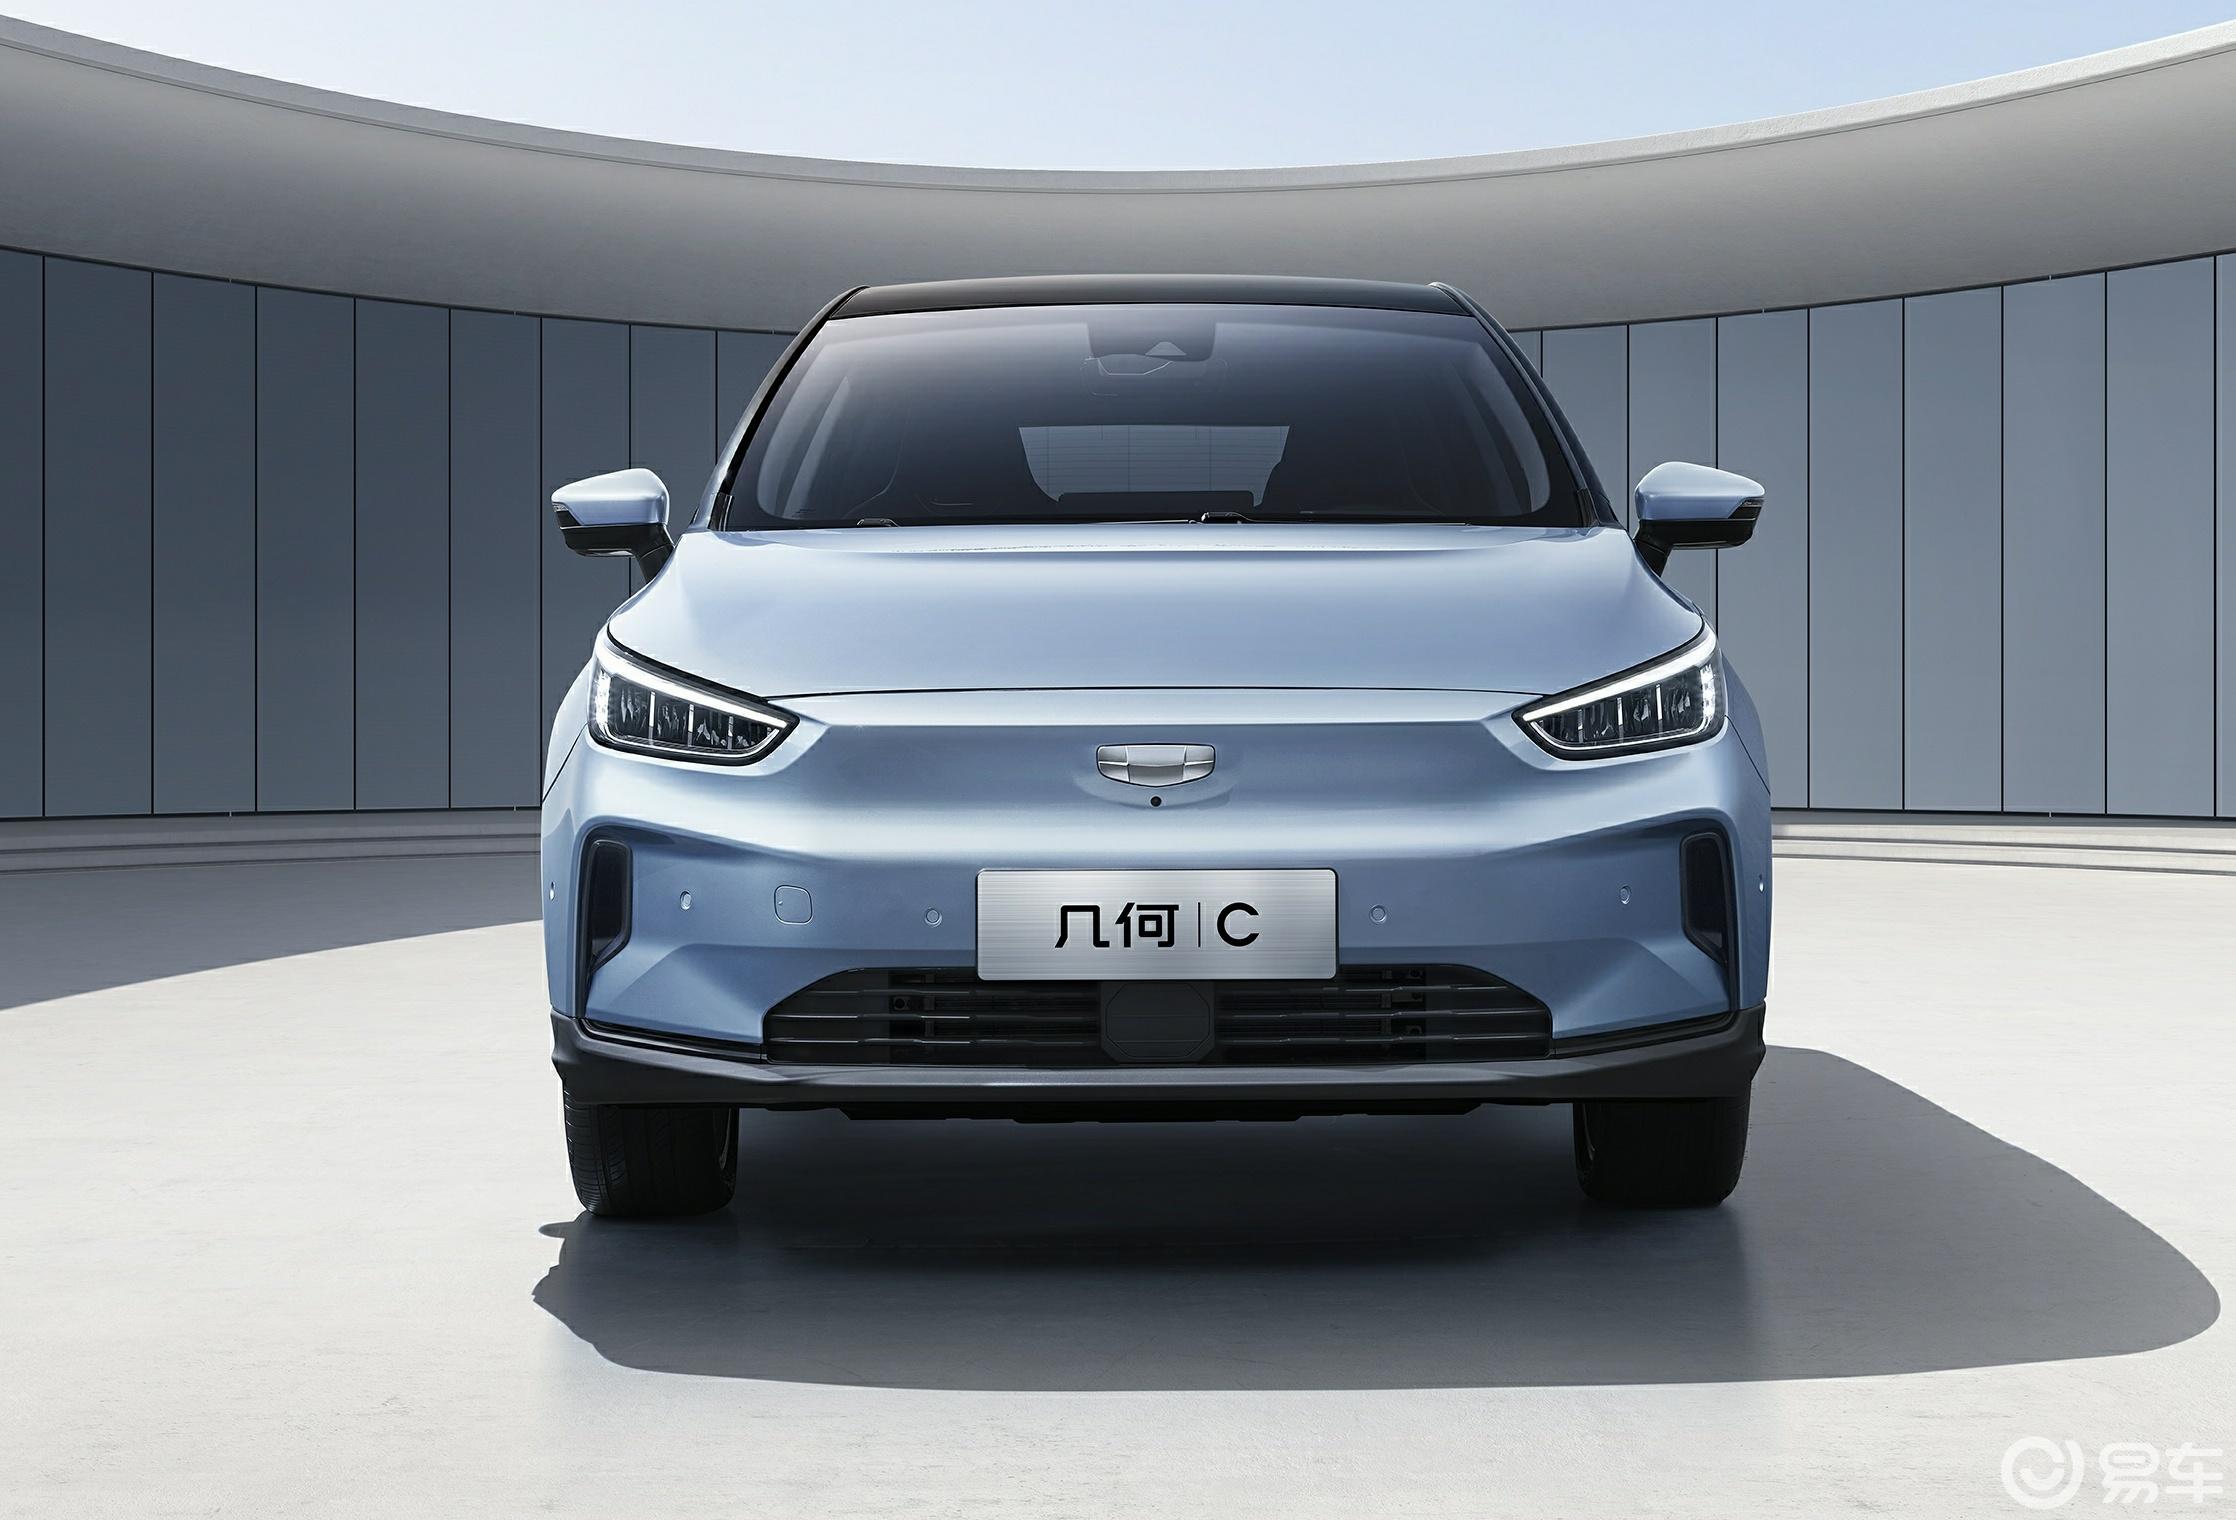 预计今年9月北京车展亮相 几何C官图发布